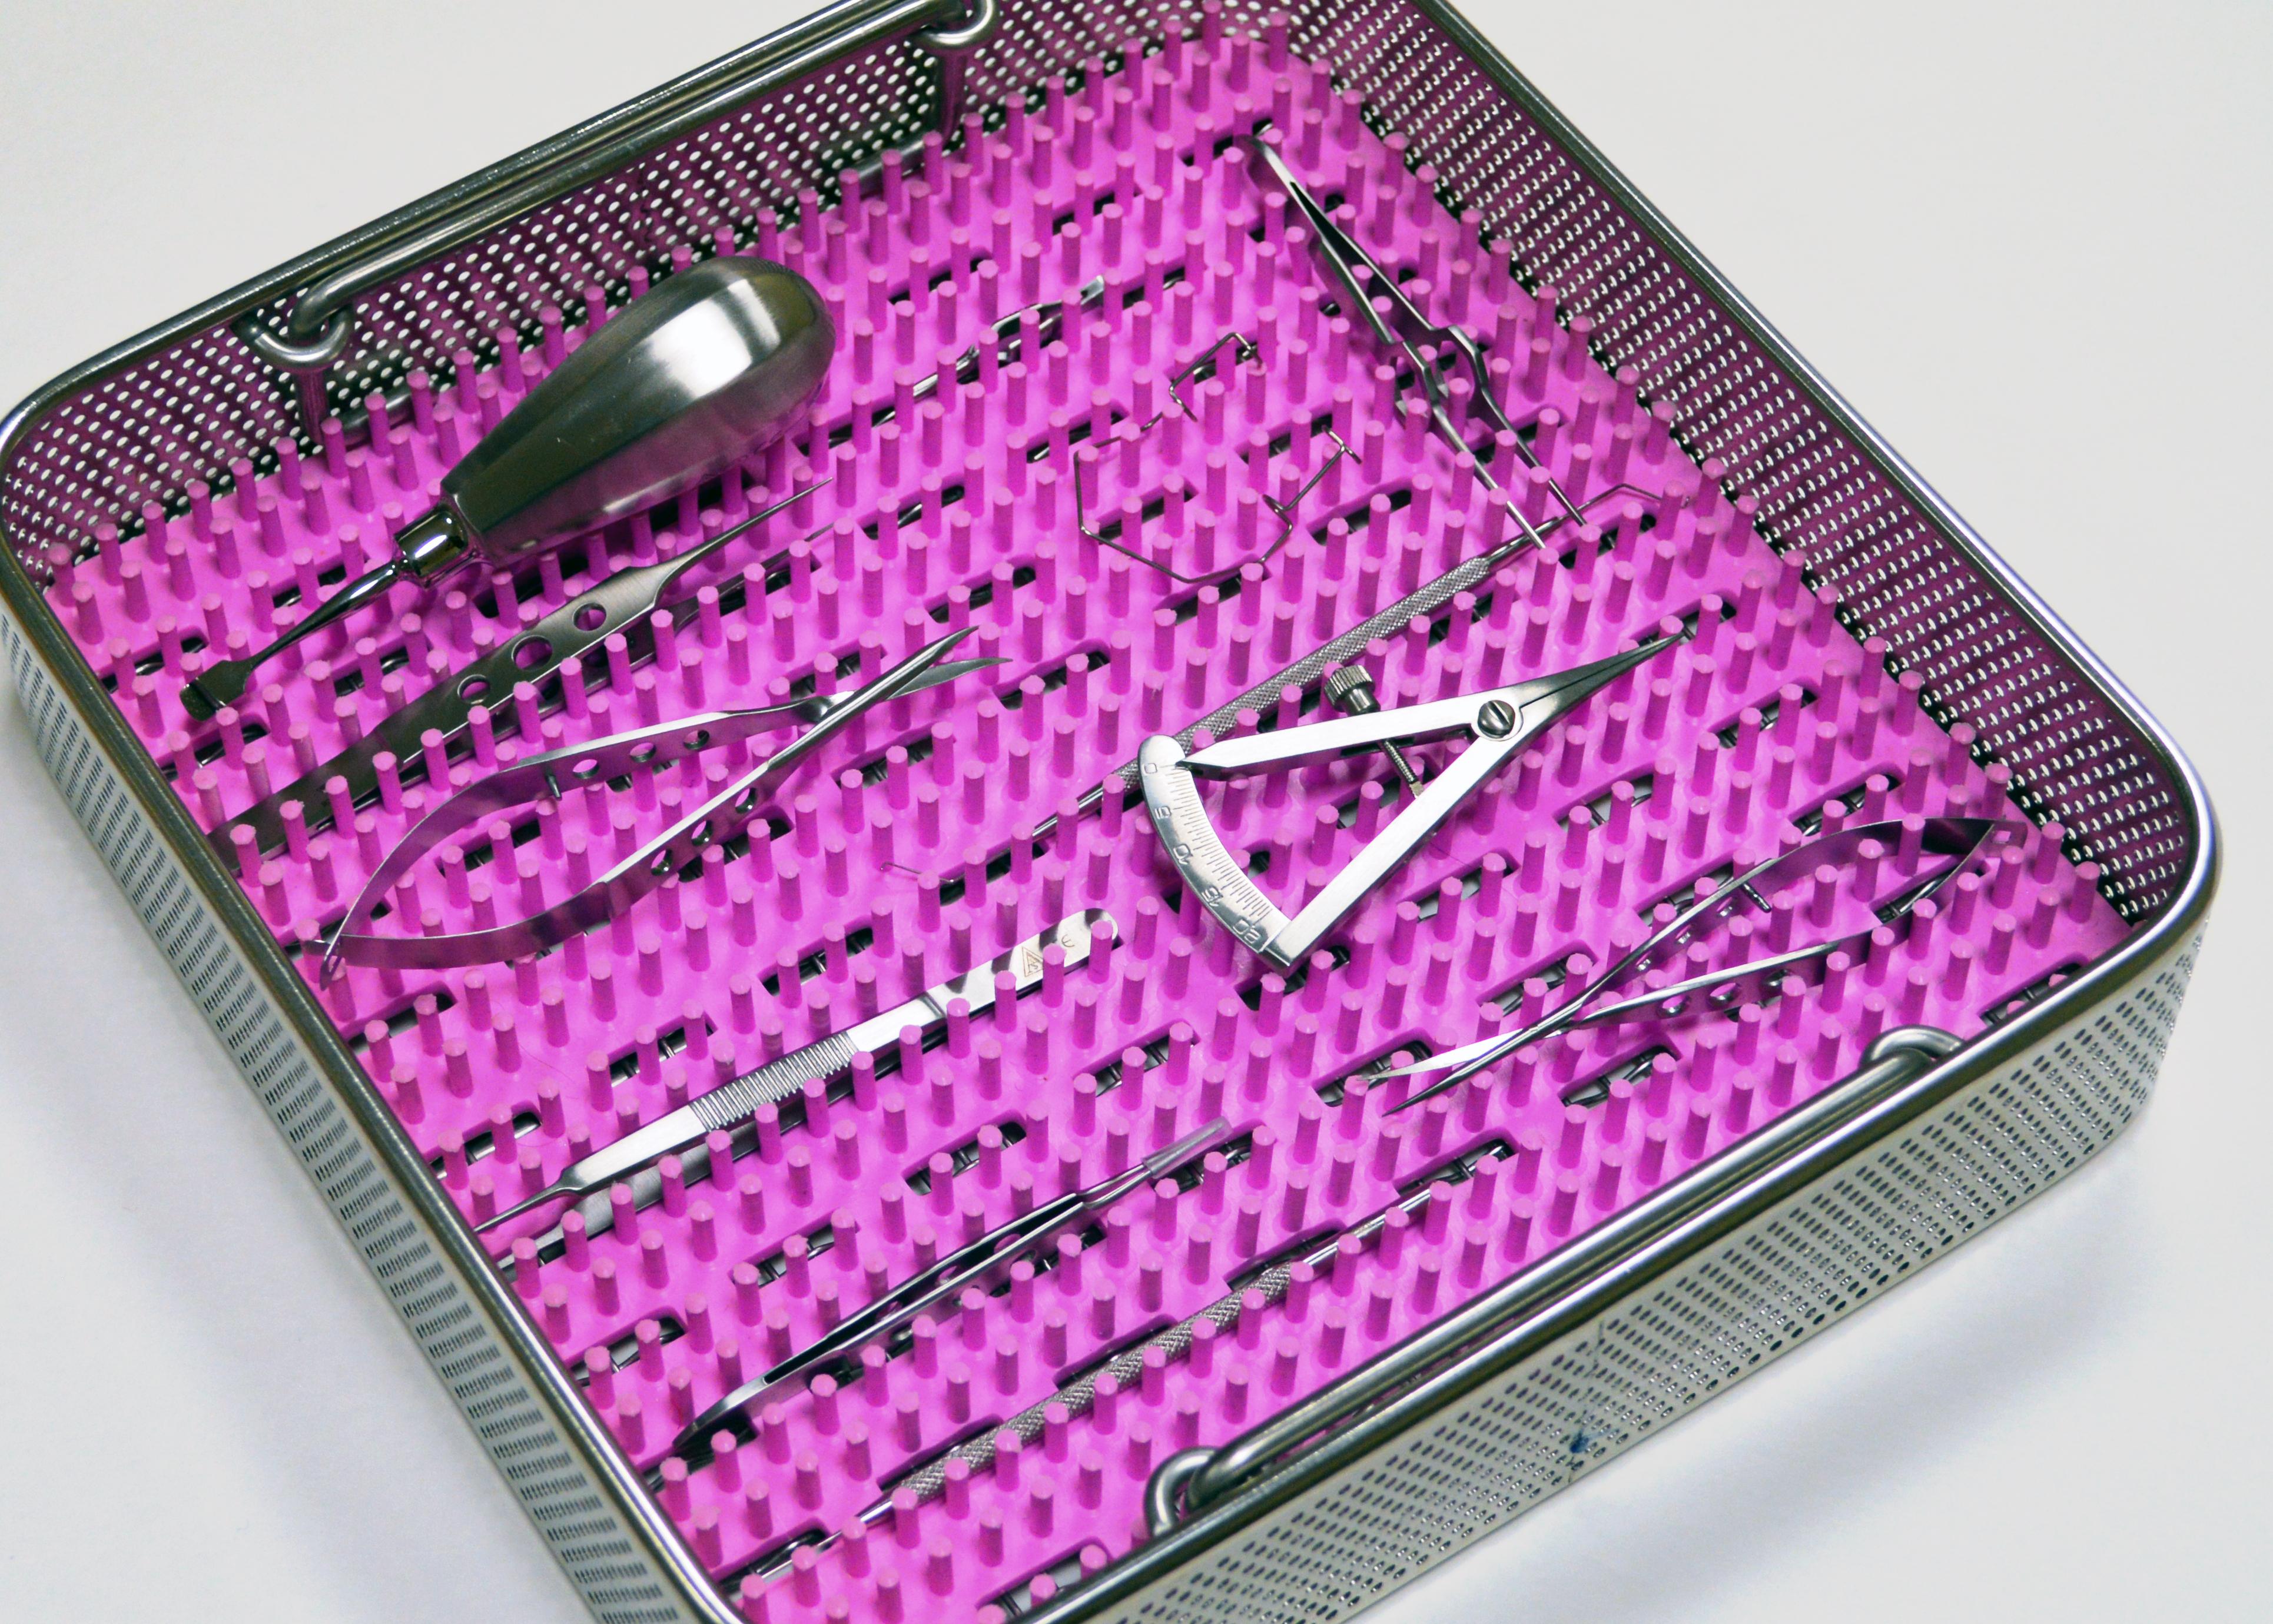 Accrington Surgical Instrument Suppliers LTD